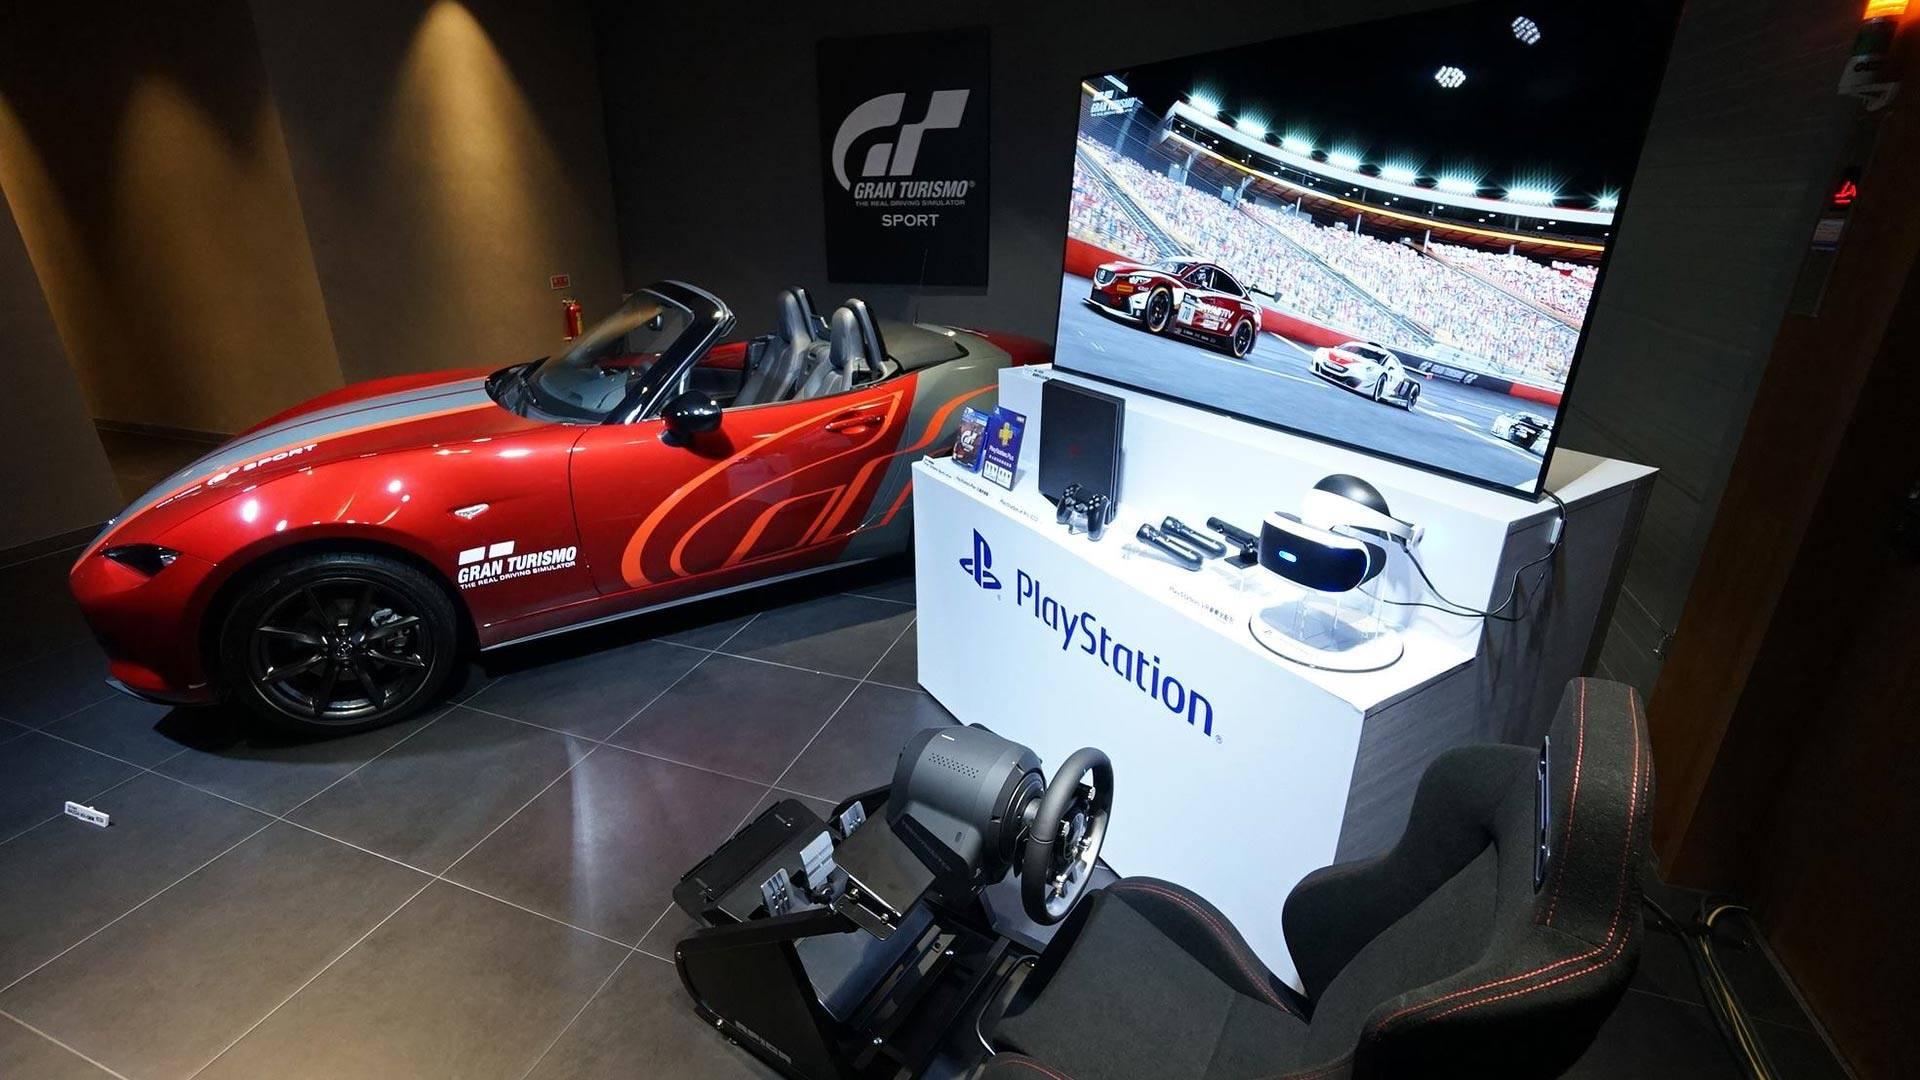 Сони выпустила комплект Gran Turismo Sport снастоящим автомобилем